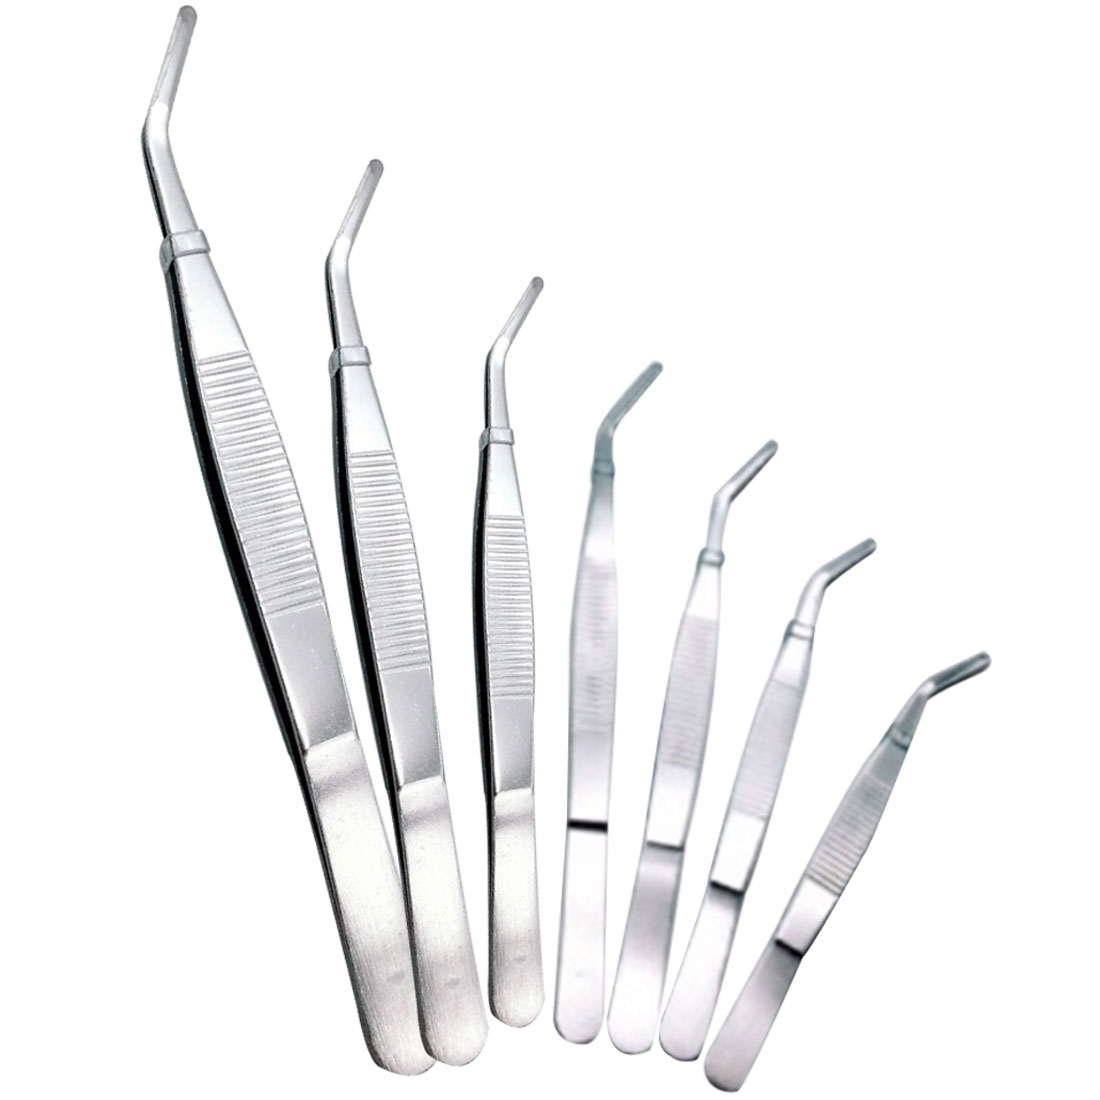 Ellenbogen Pinzette Edelstahl 12,5 Cm/14 Cm/16 Cm/18 Cm/20 Cm/25 Cm/30 Cm Clear Clip Werkzeug Medical Reparatur Werkzeuge Top Wassermelonen Werkzeuge